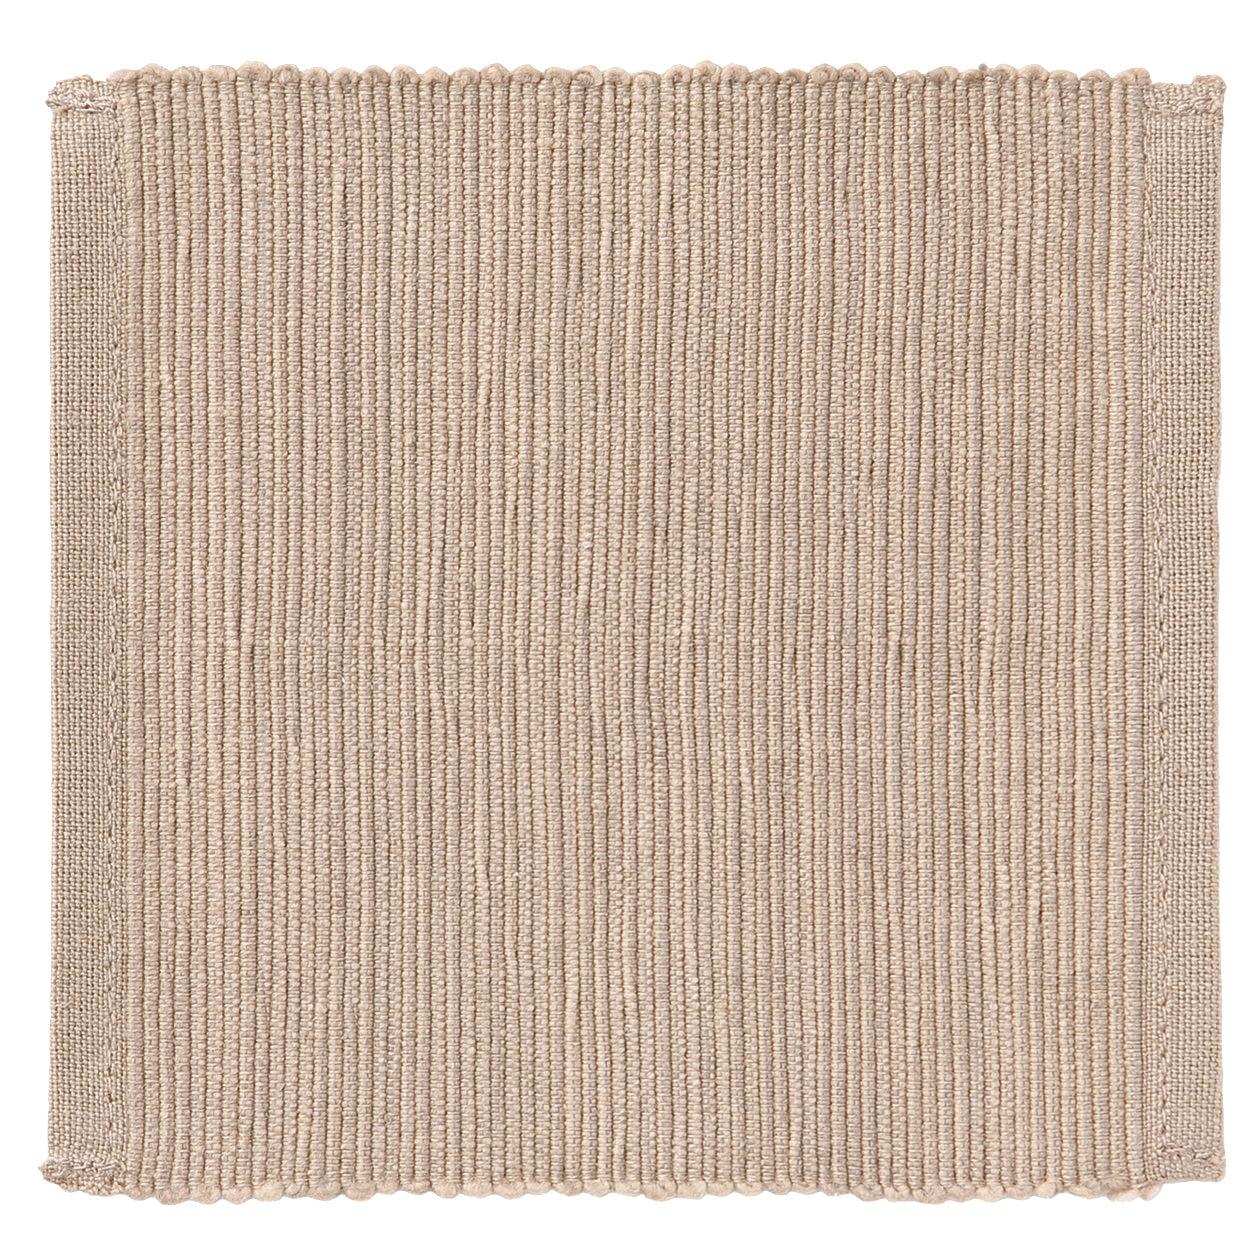 インド綿手織コースター/ライトブラウン